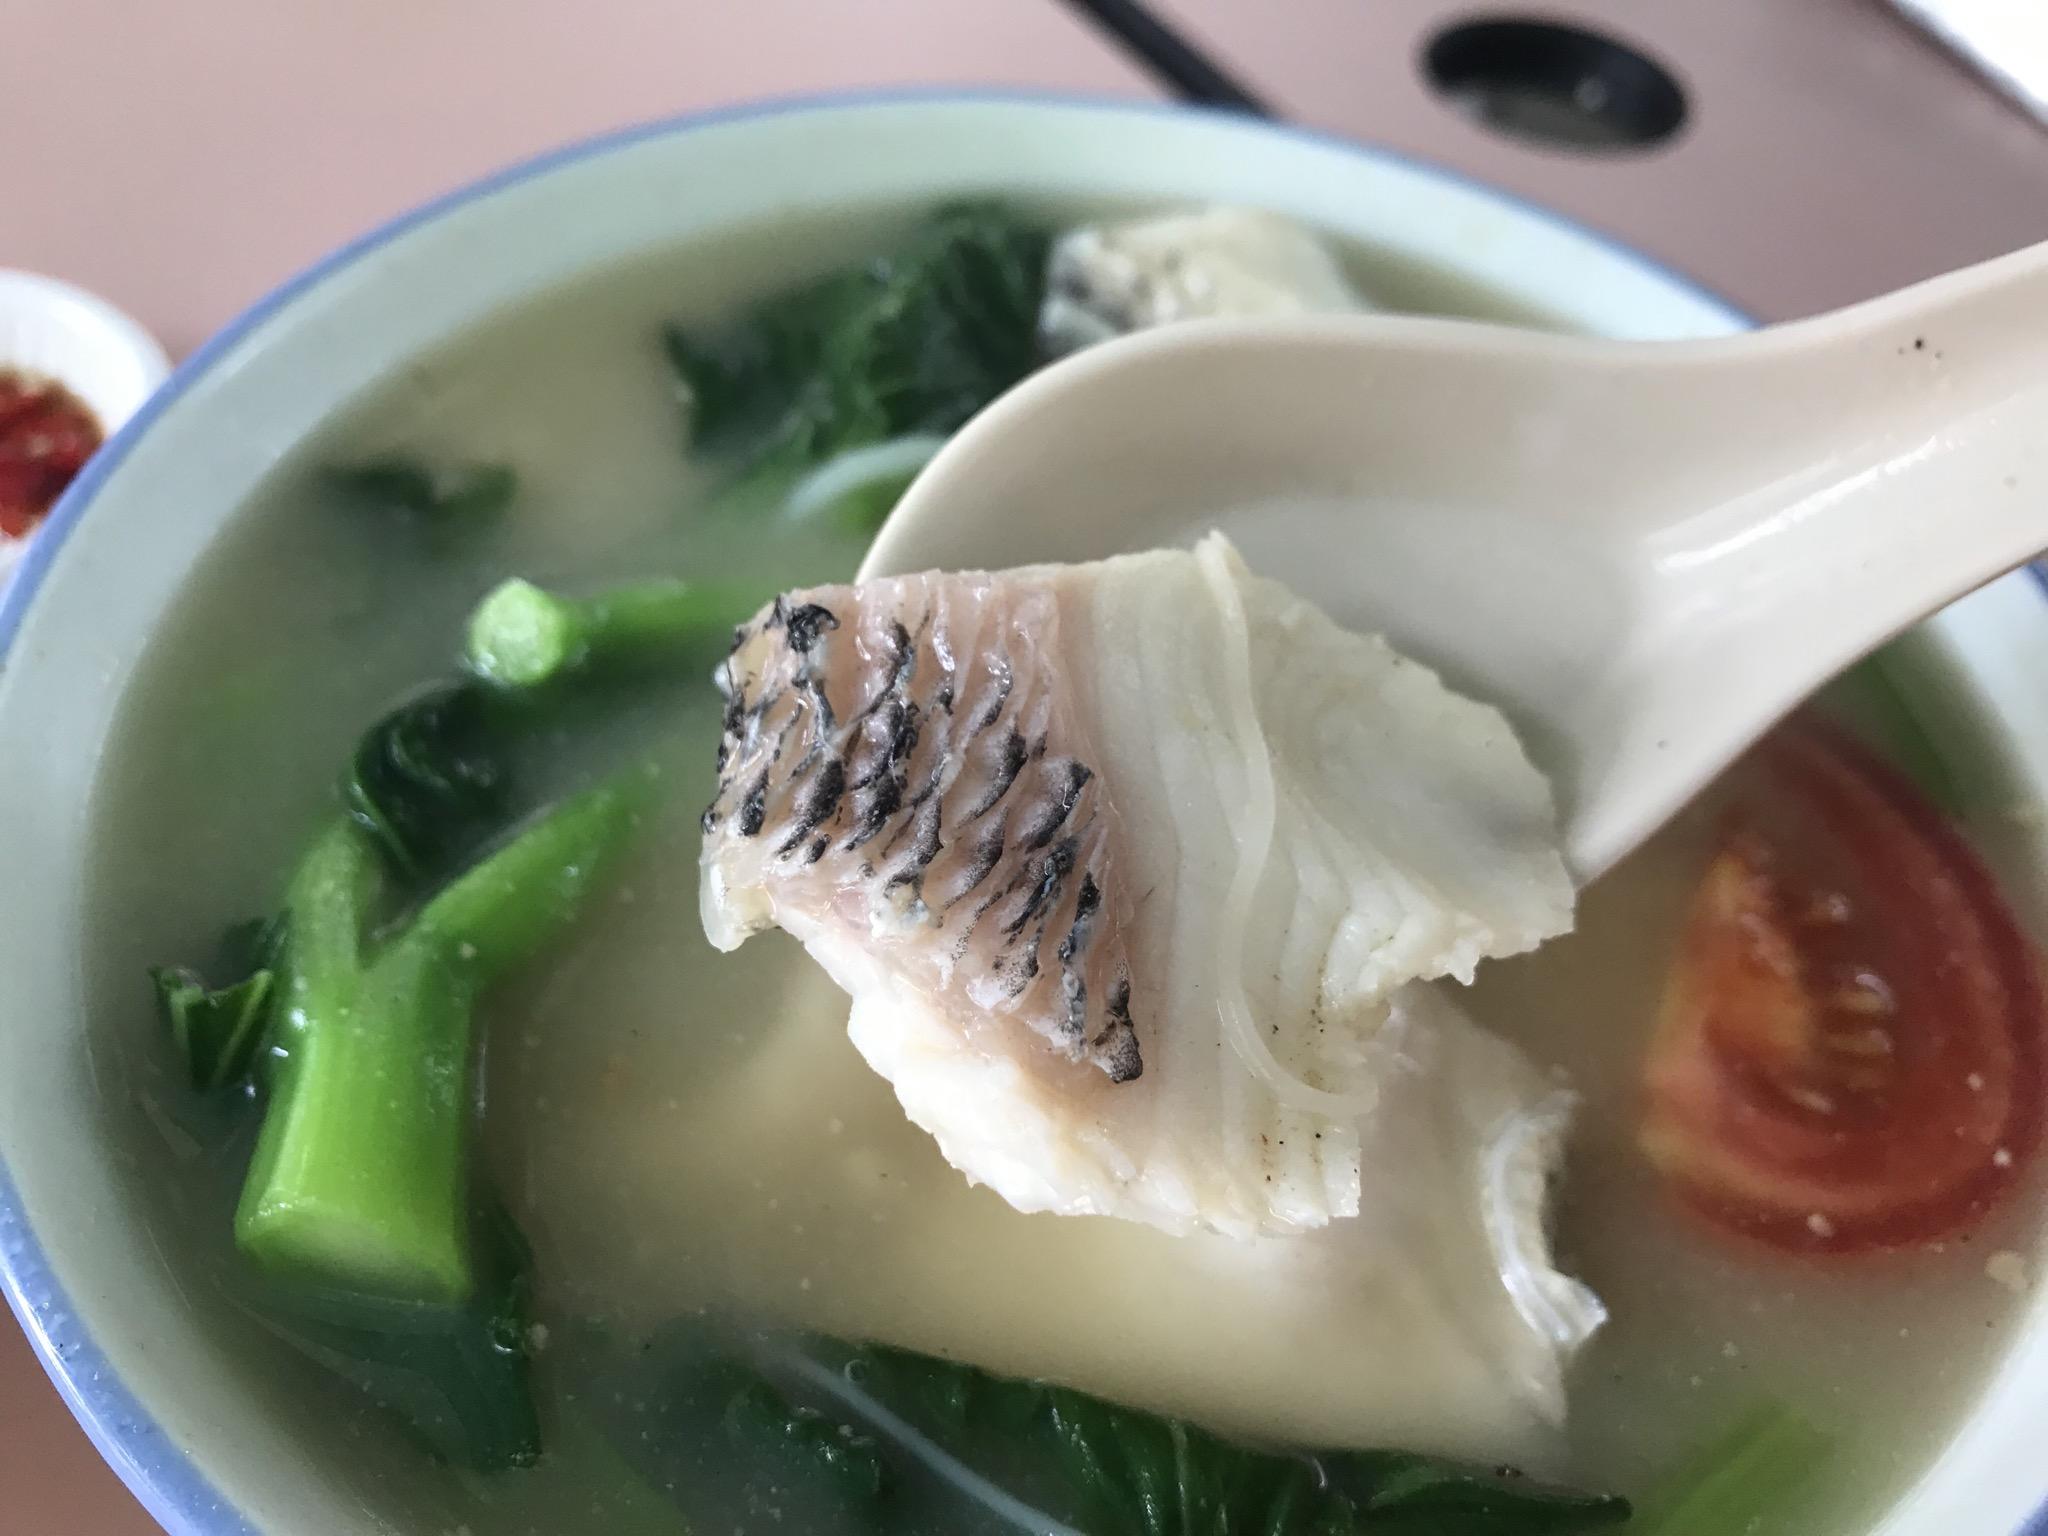 Whampoaでは やはり FishSoup が食べたくなる!_c0212604_7371935.jpg